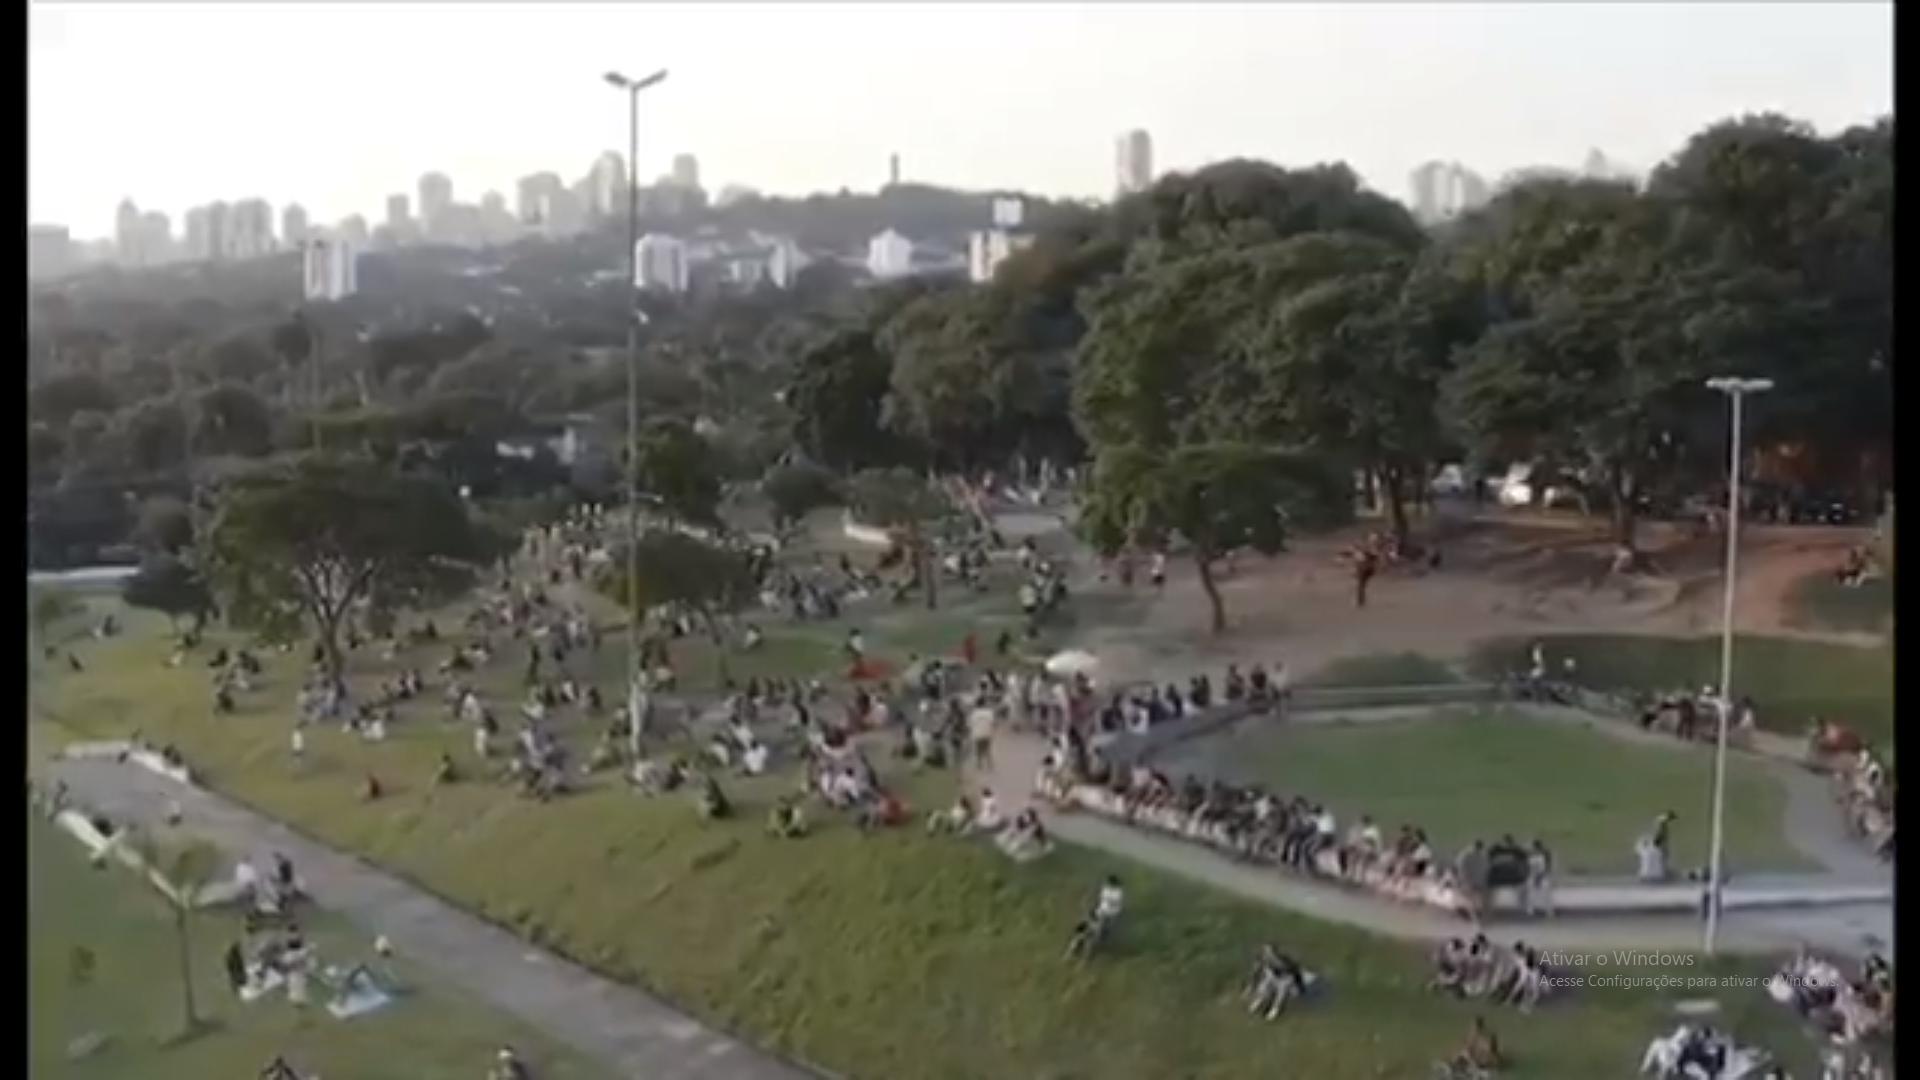 Praça Por do Sol dia 05 de abril 2 - Quarentena: Drone regista imagens da praça do Pôr do Sol na capital de SP e aparece LOTADA DE PESSOAS